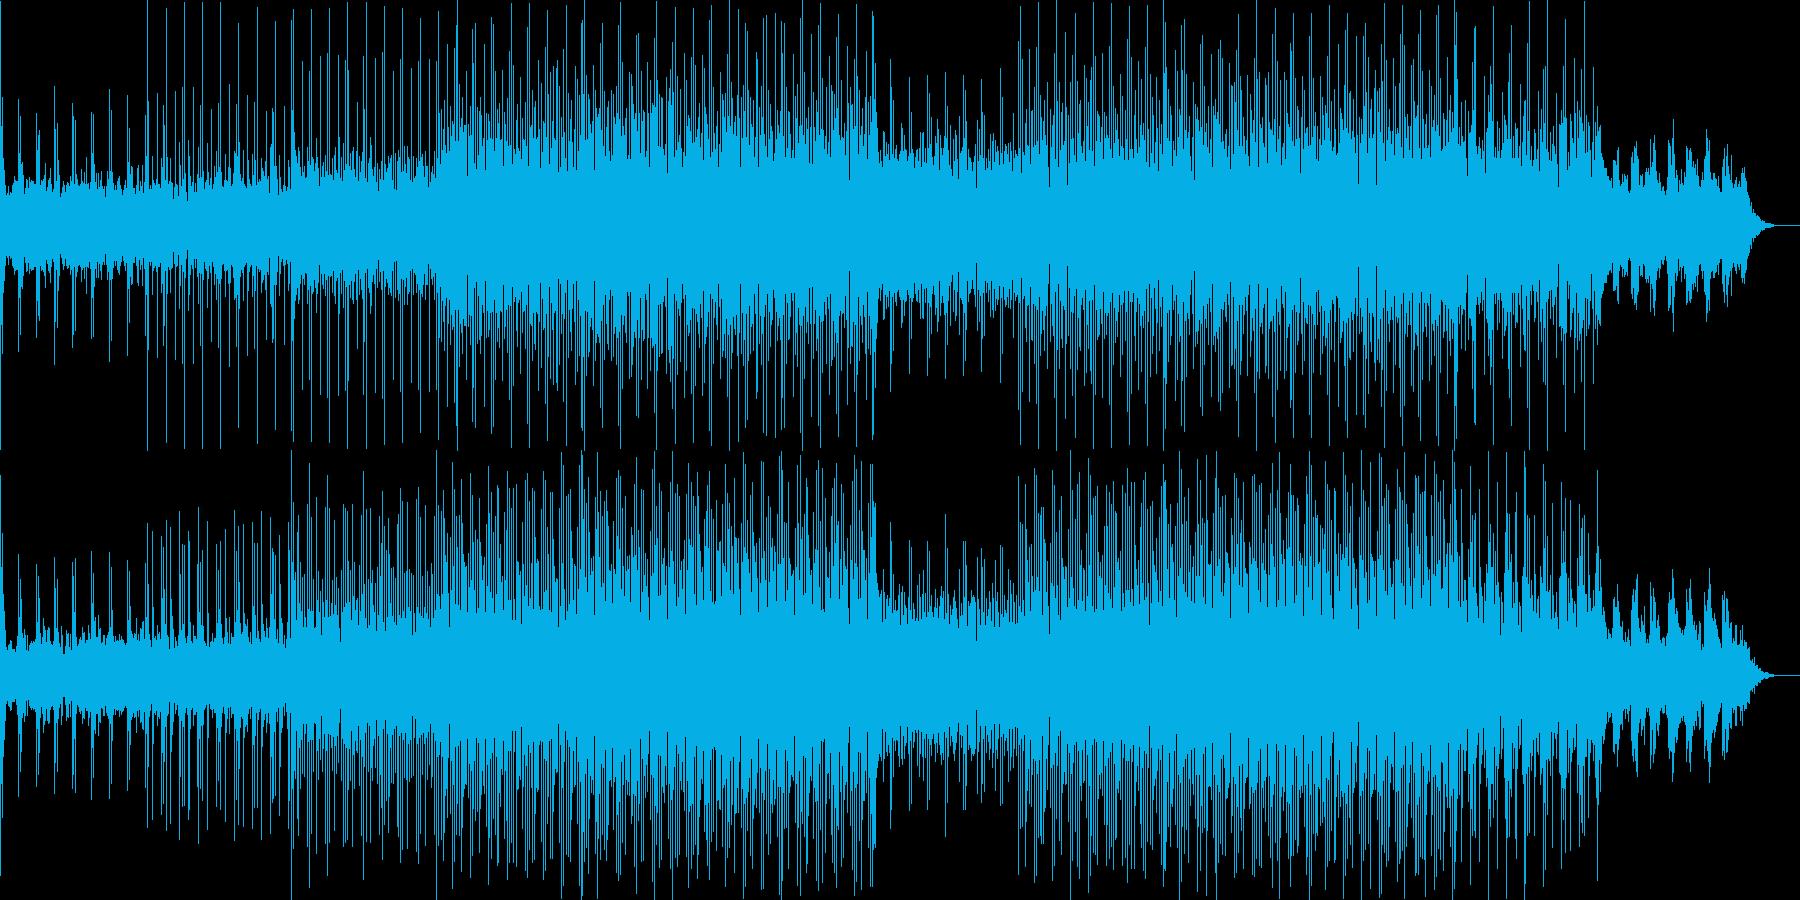 ニュース映像ナレーションバック向け-10の再生済みの波形